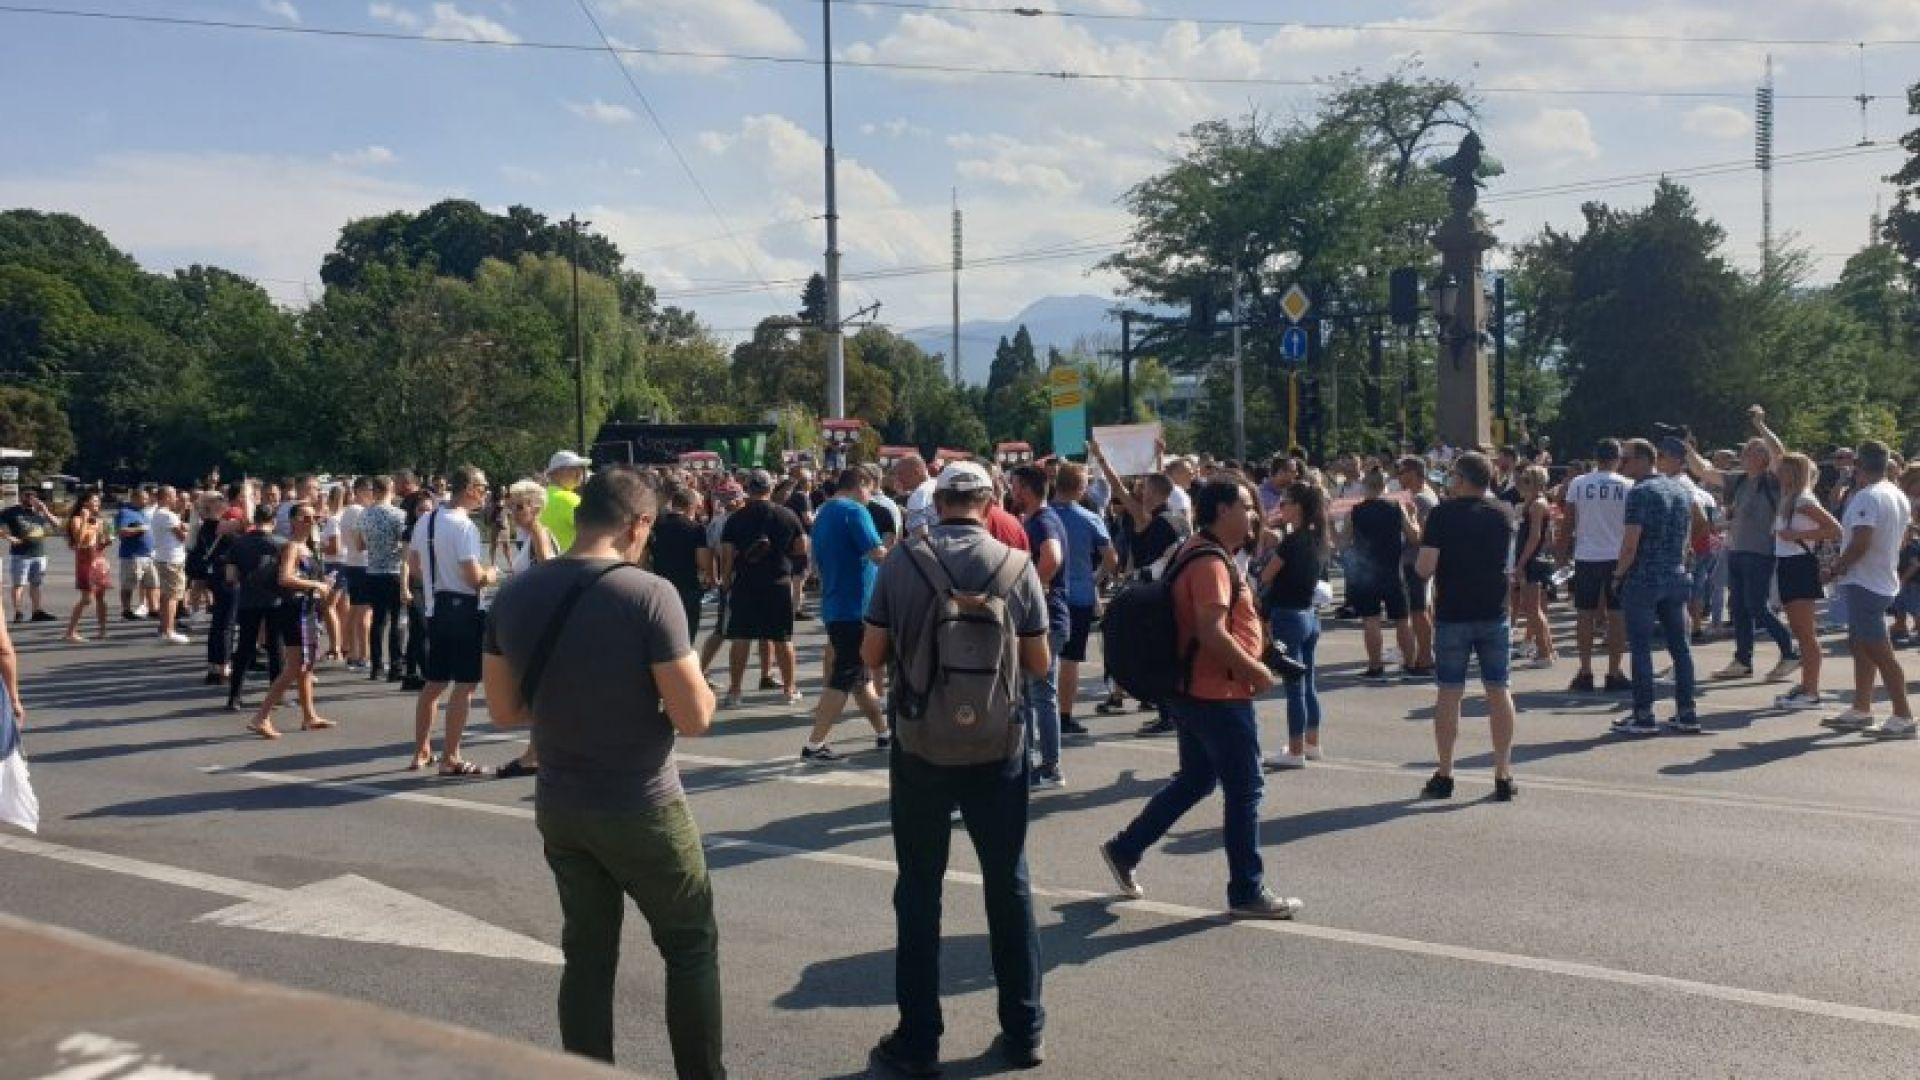 Ресторантьорите прекратяват протестните действия, но започват акция #СВОБОДАЗАБИЗНЕСА